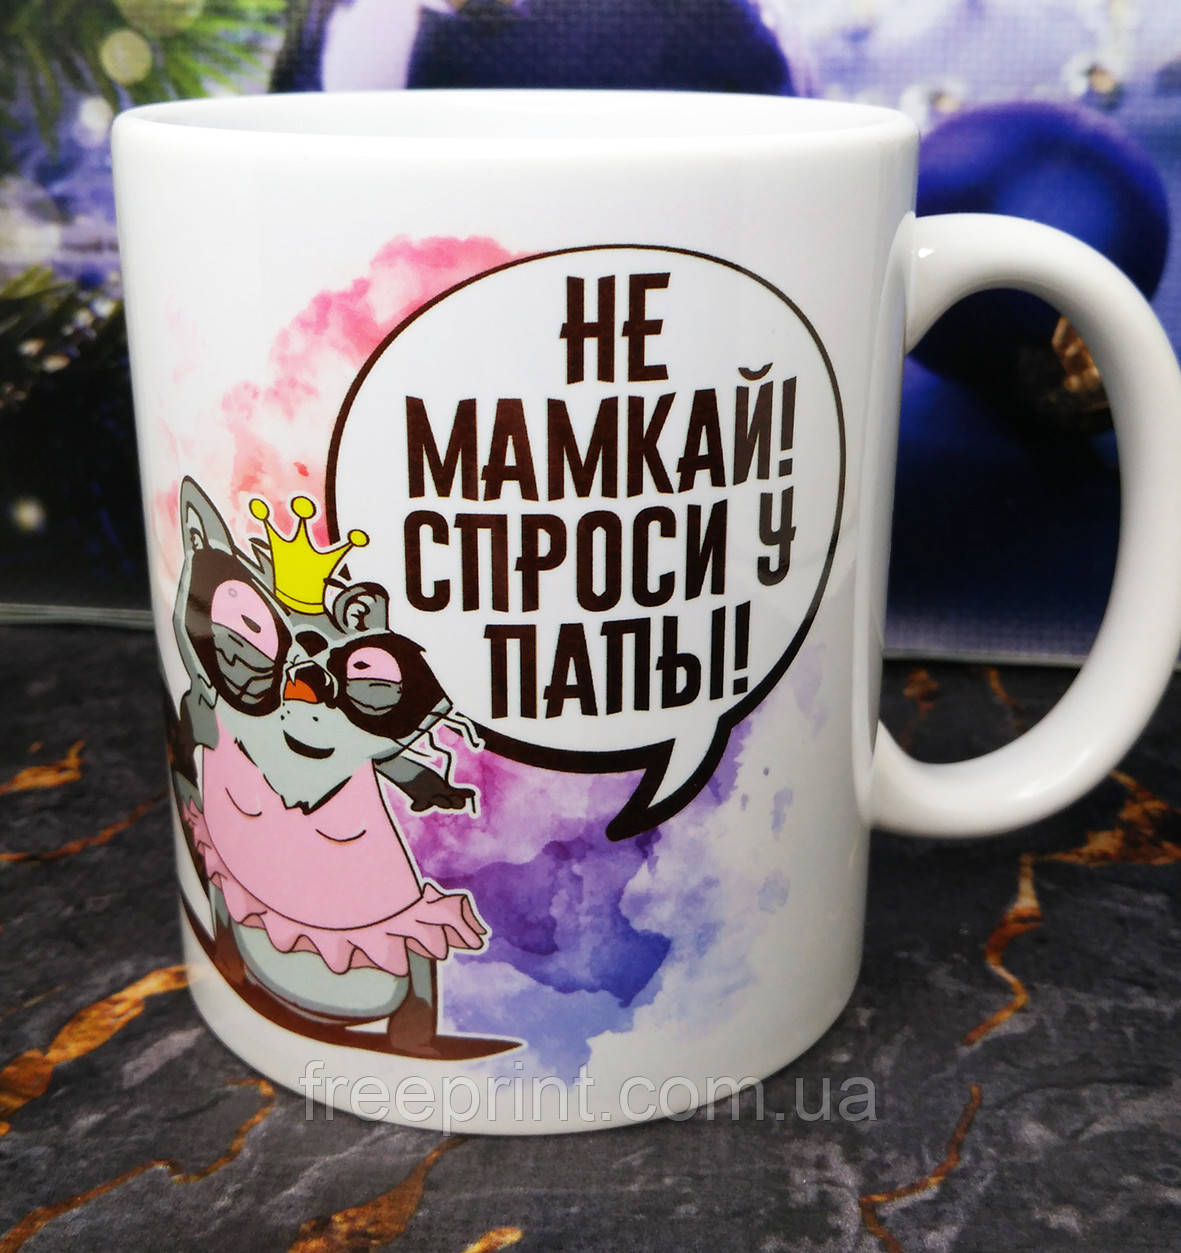 """Чашка """"Єнот Толік - не мамкай, спроси у папы"""", російською мовою"""